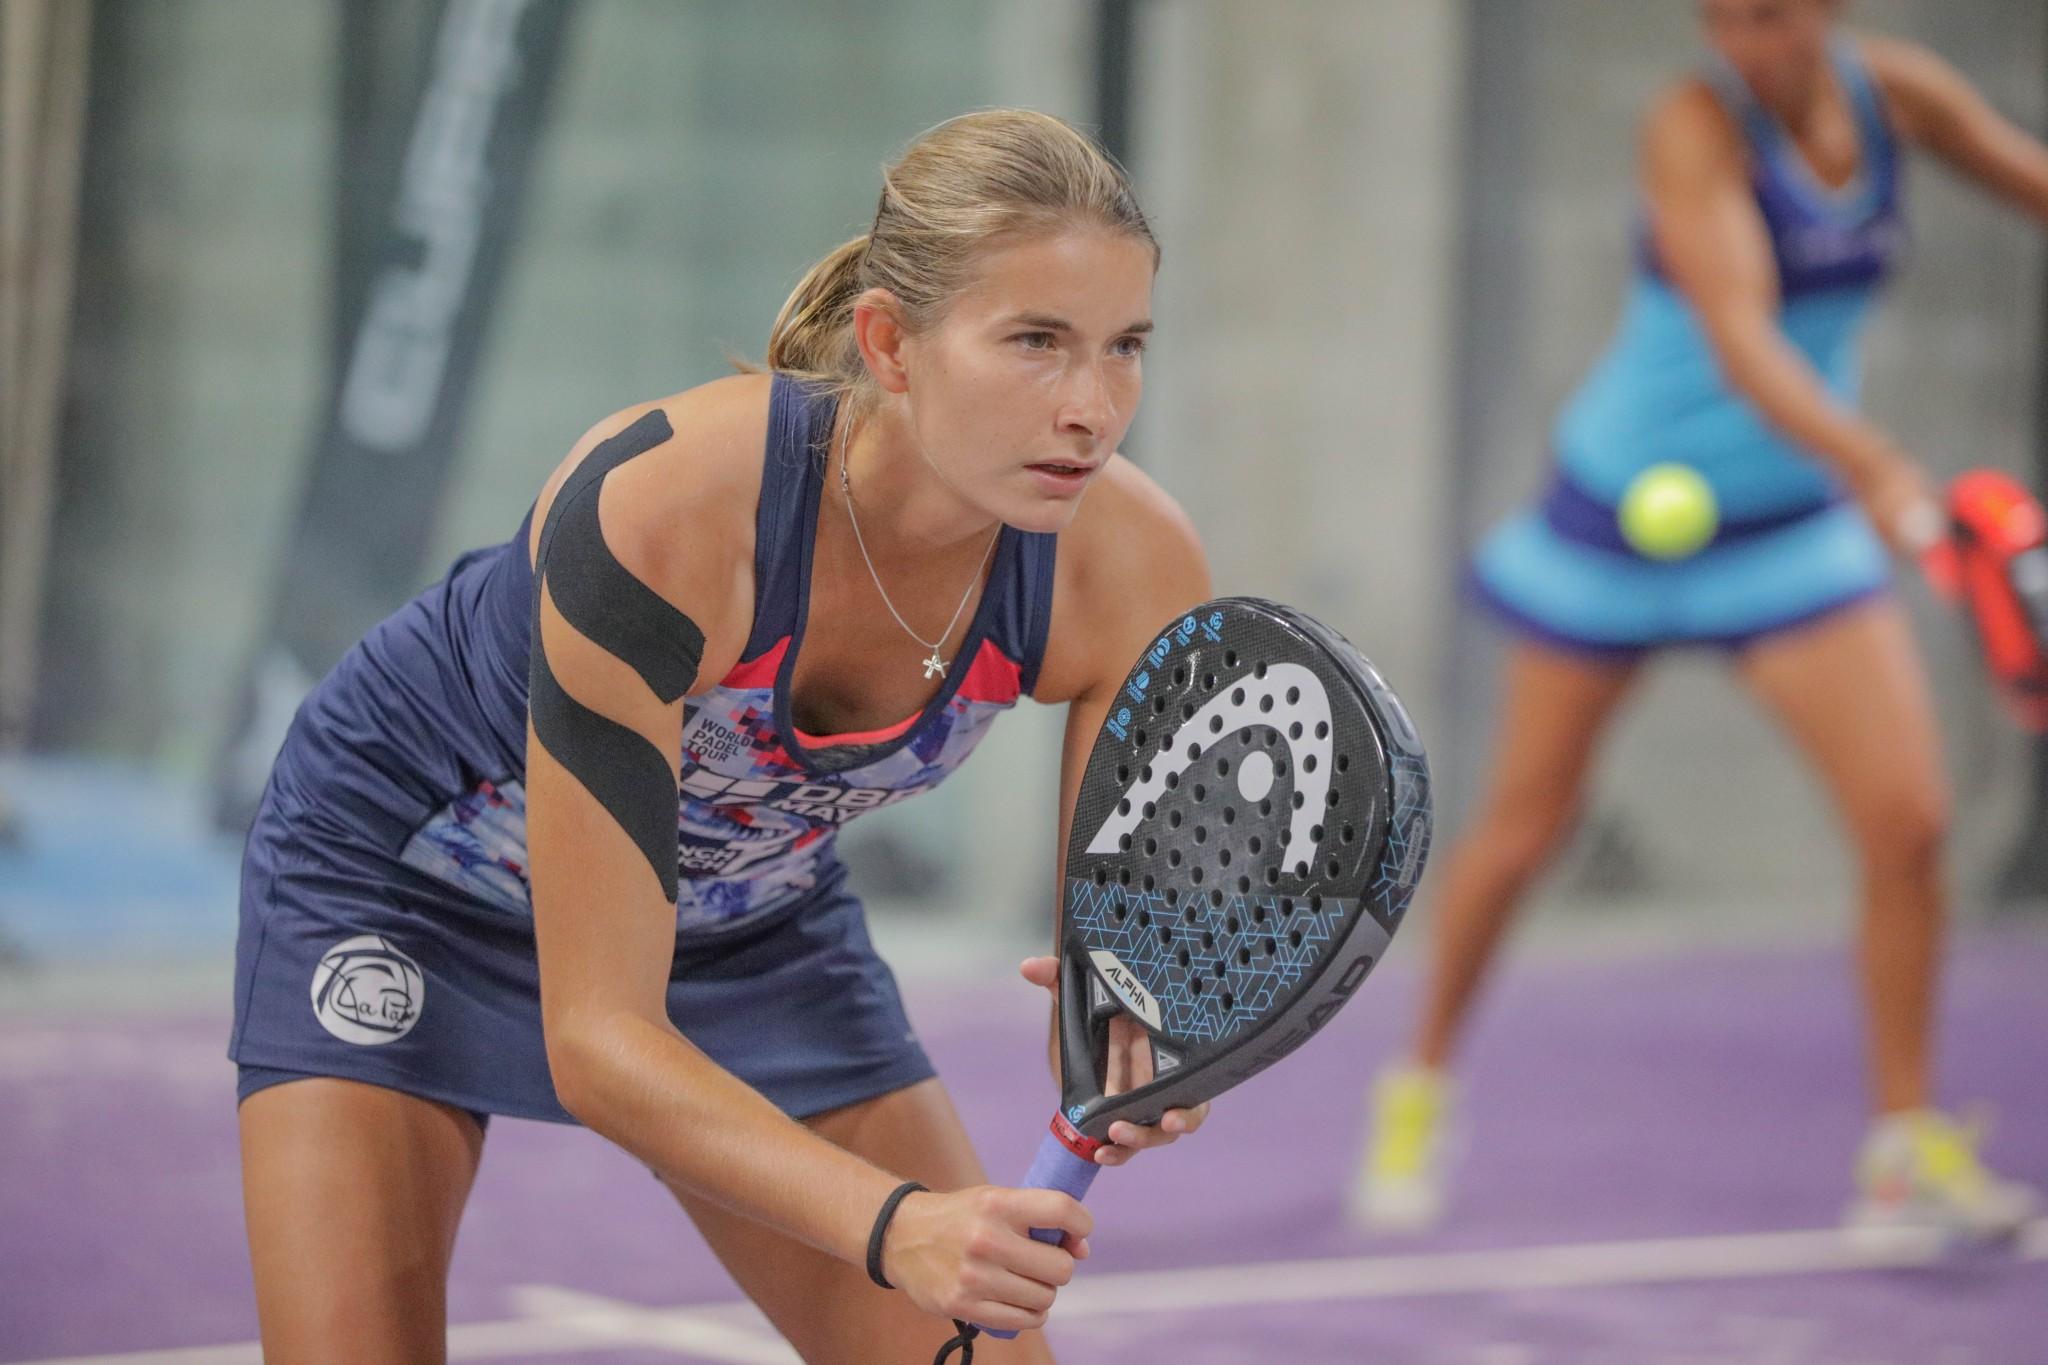 [LIVE] – Championnat de France 2019 : suivez en direct la finale féminine